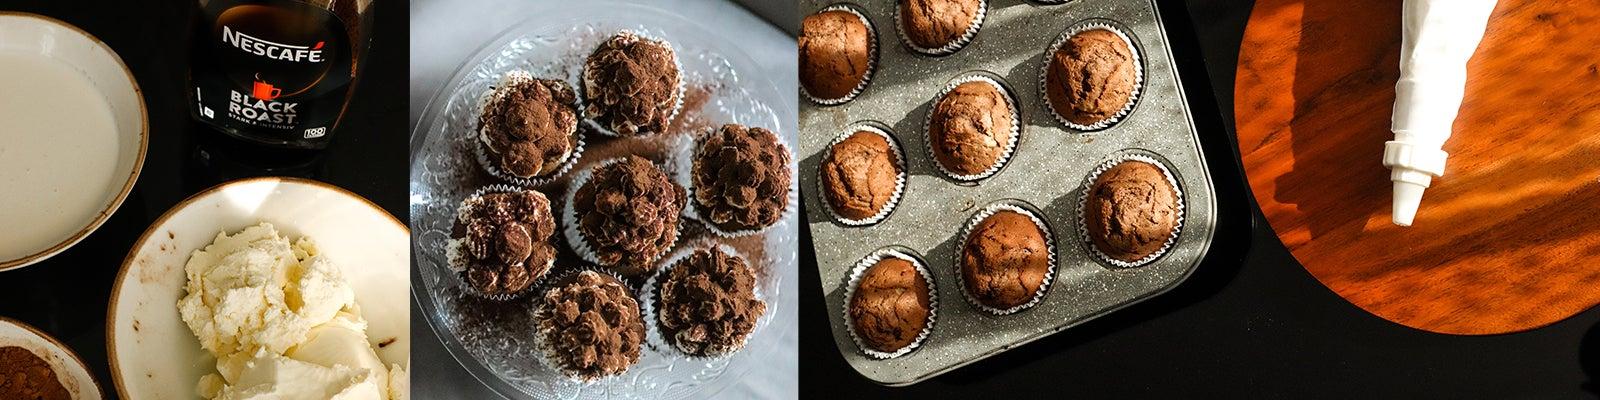 Tiramisu-Cupcakes by @the_cosmopolitas